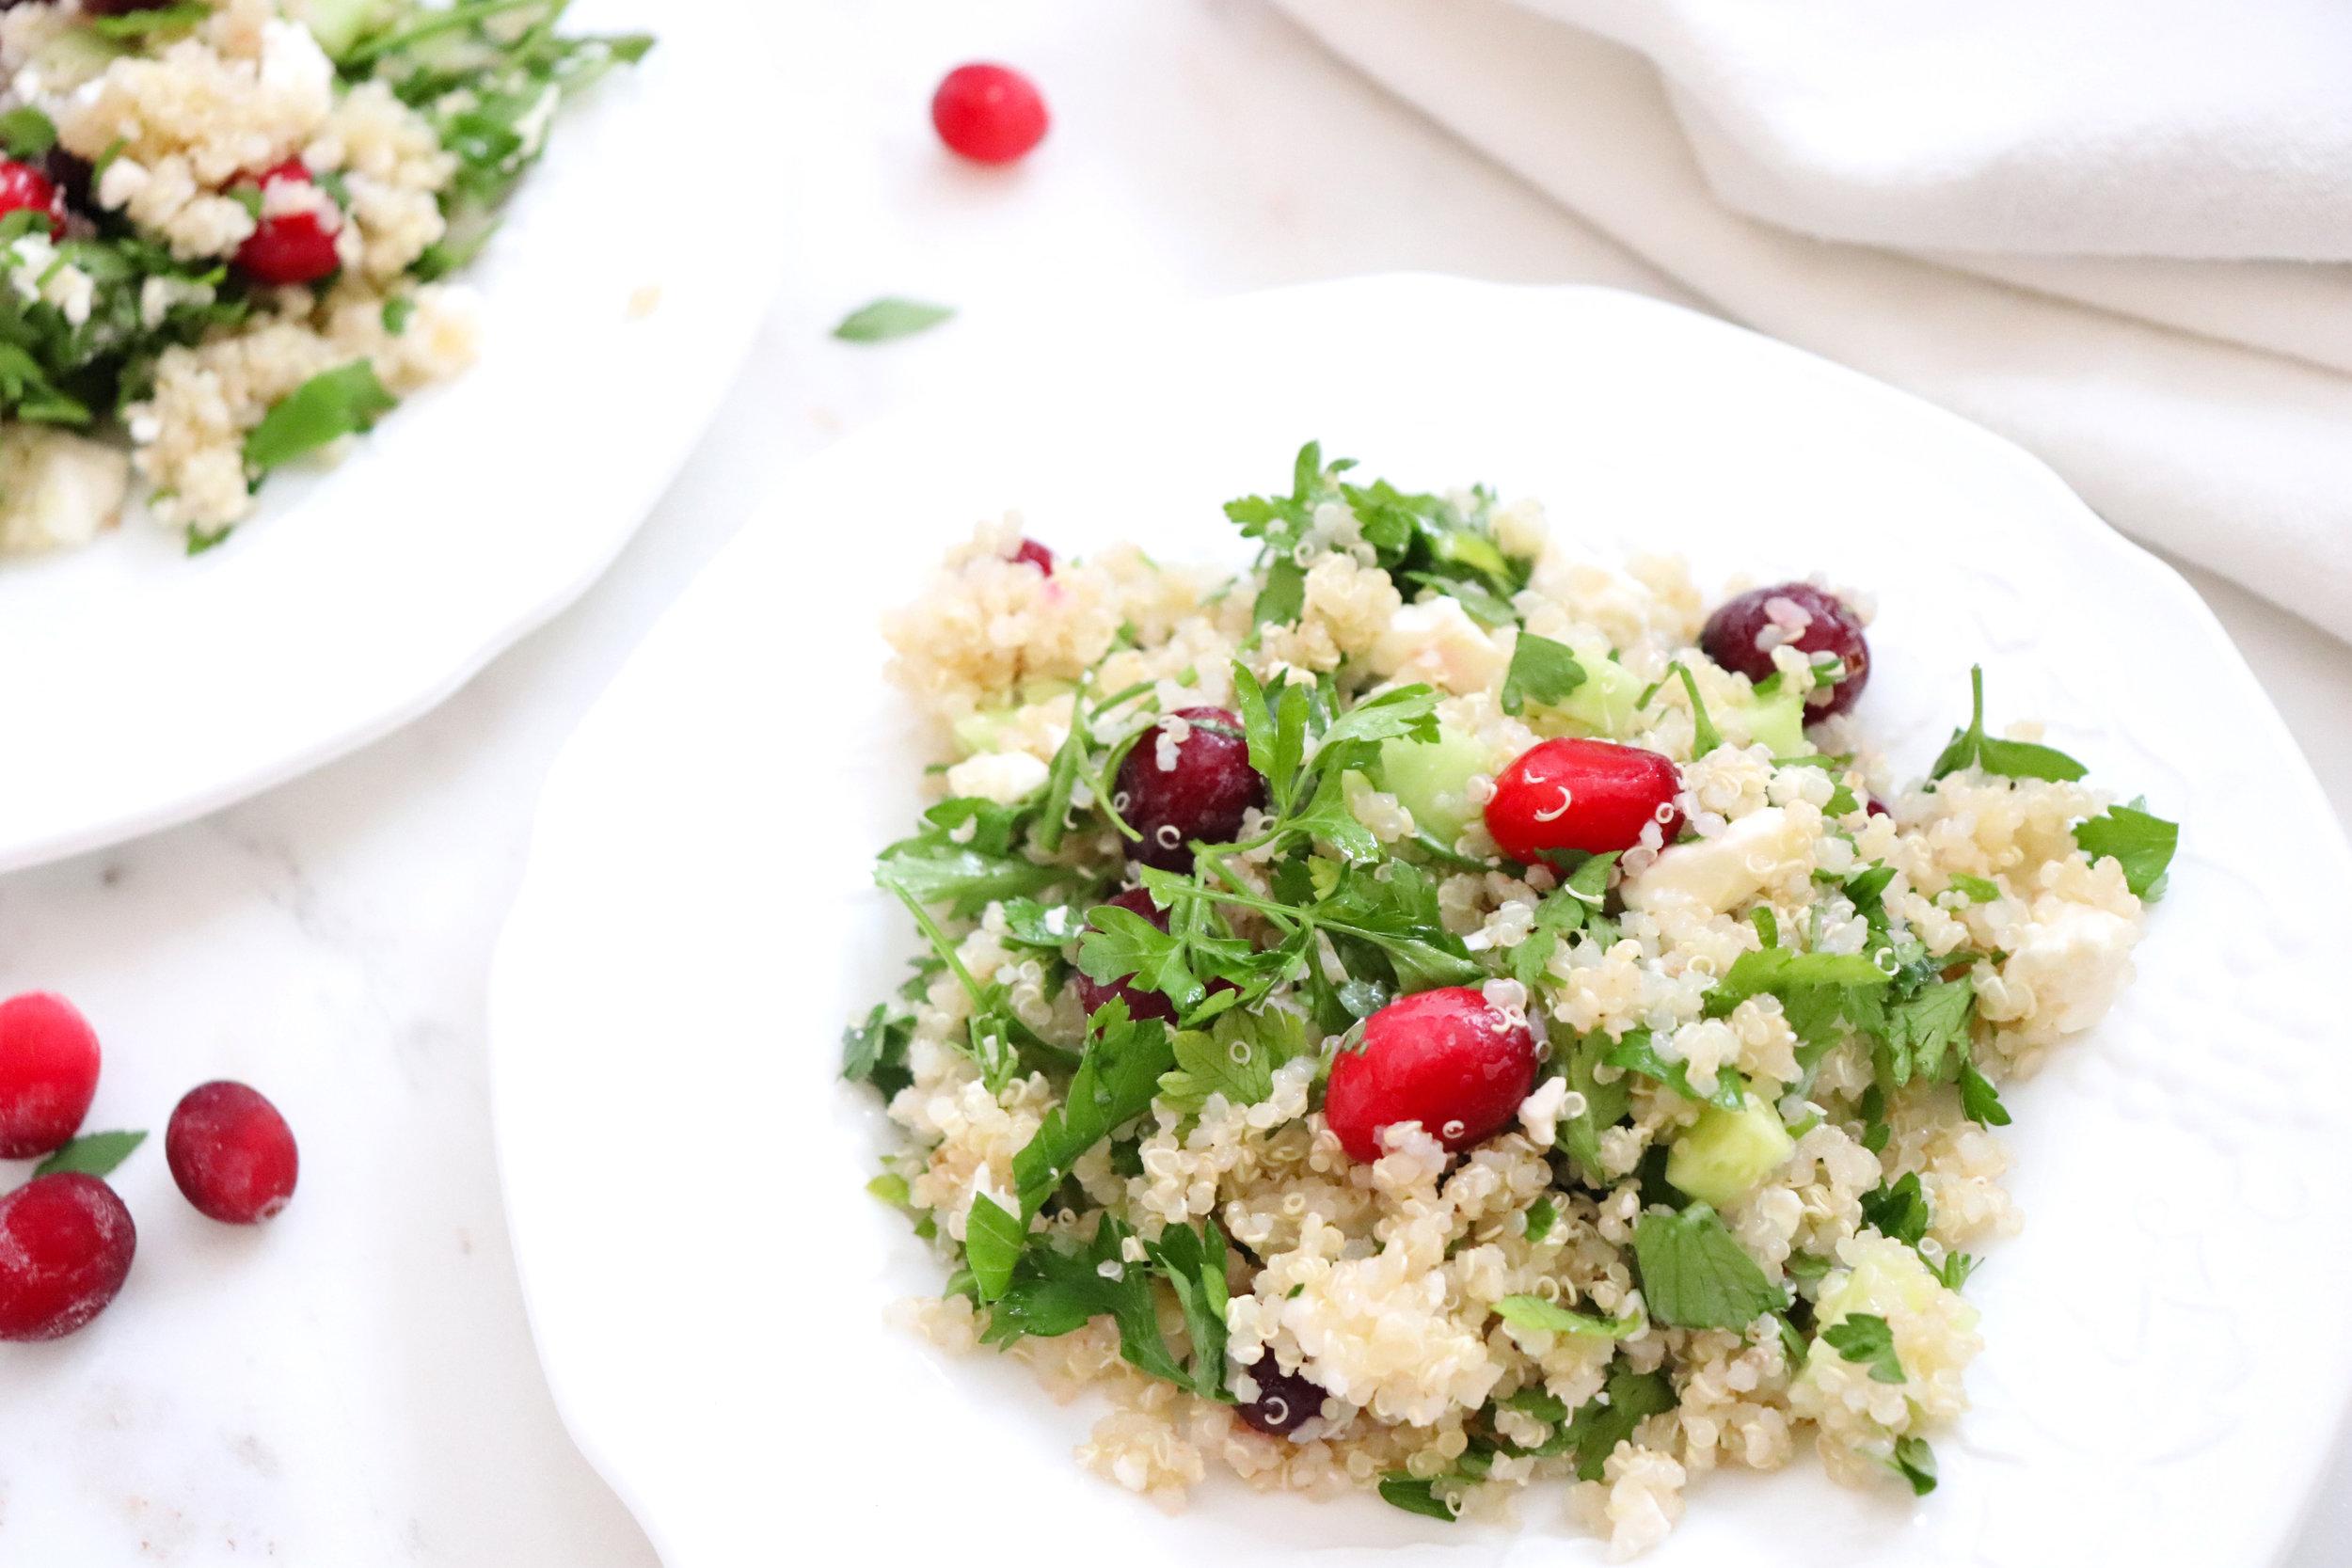 Cranberry Quinoa Tabbouleh Salad